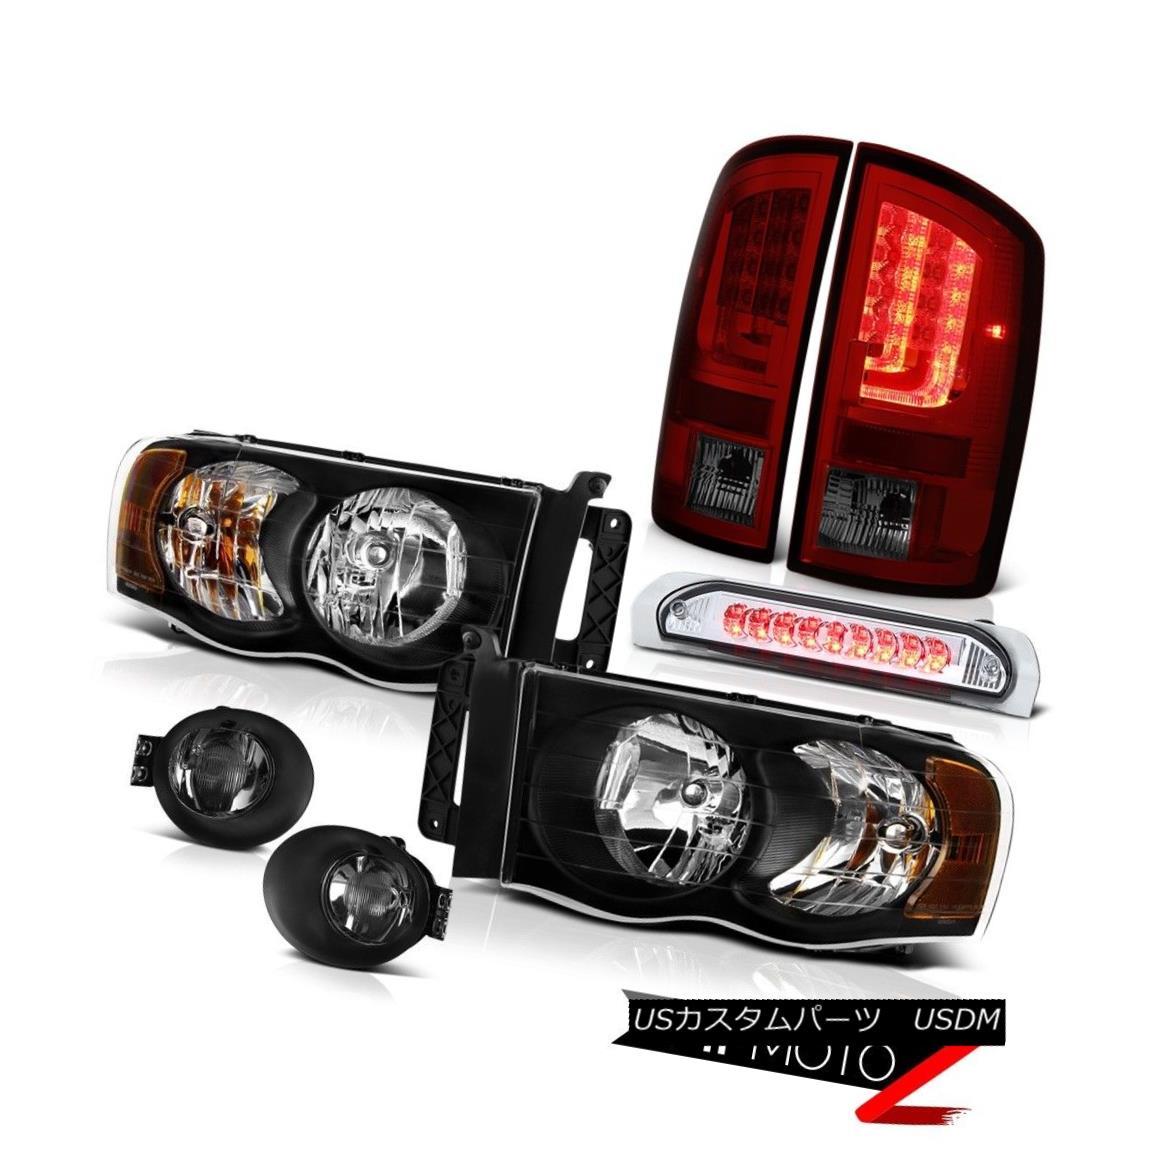 テールライト 2002-2005 Dodge Ram 1500 SLT Taillamps Smoked Foglights Headlamps High STop Lamp 2002-2005ダッジラム1500 SLTタイルランプスモークフォグライトヘッドランプハイSTOPランプ